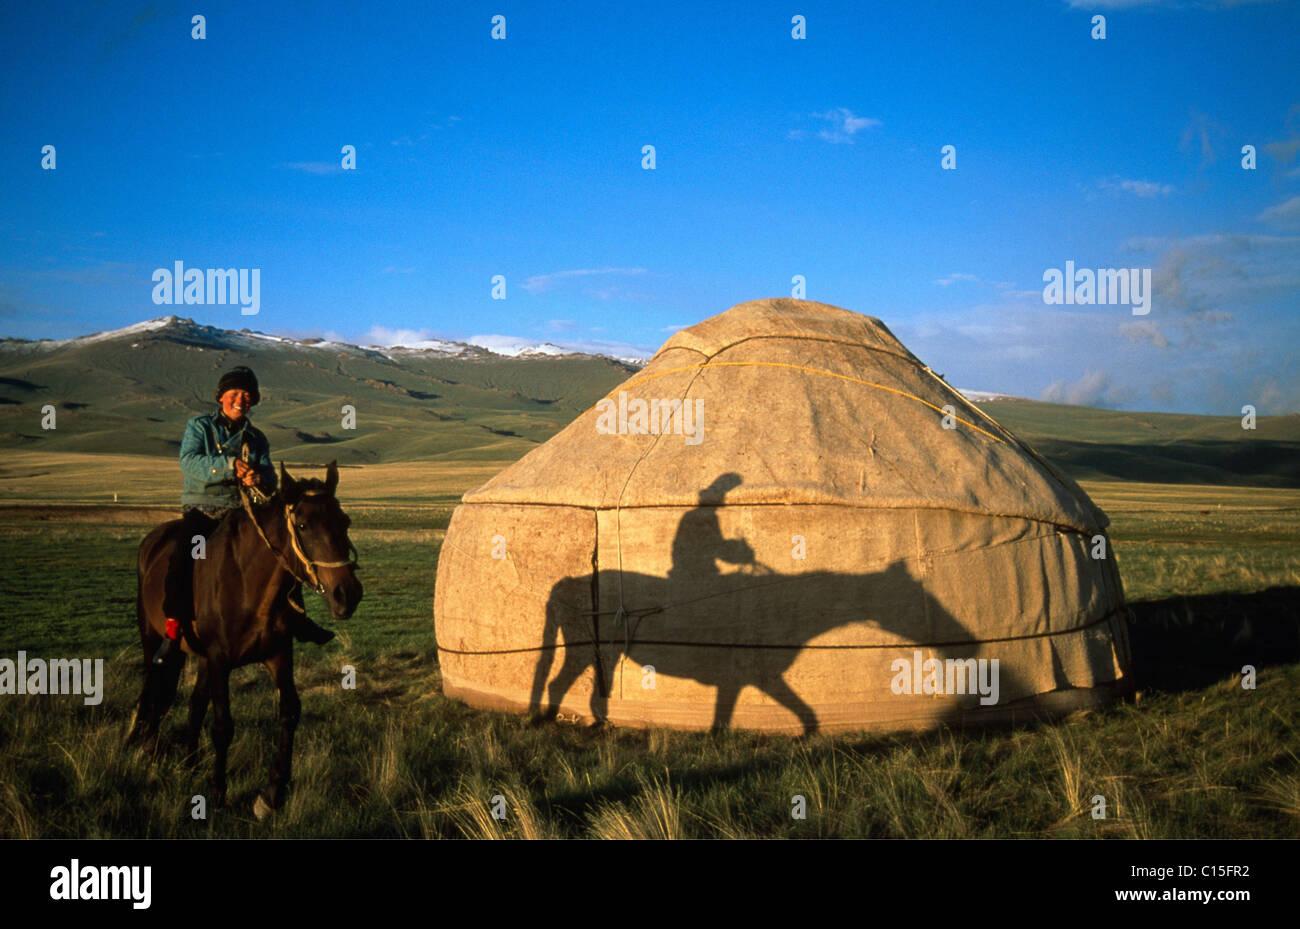 El jinete y su caballo en frente de una yurta, Cordillera Moldo-Too Song-Kul, Kirguistán, Asia Central Imagen De Stock